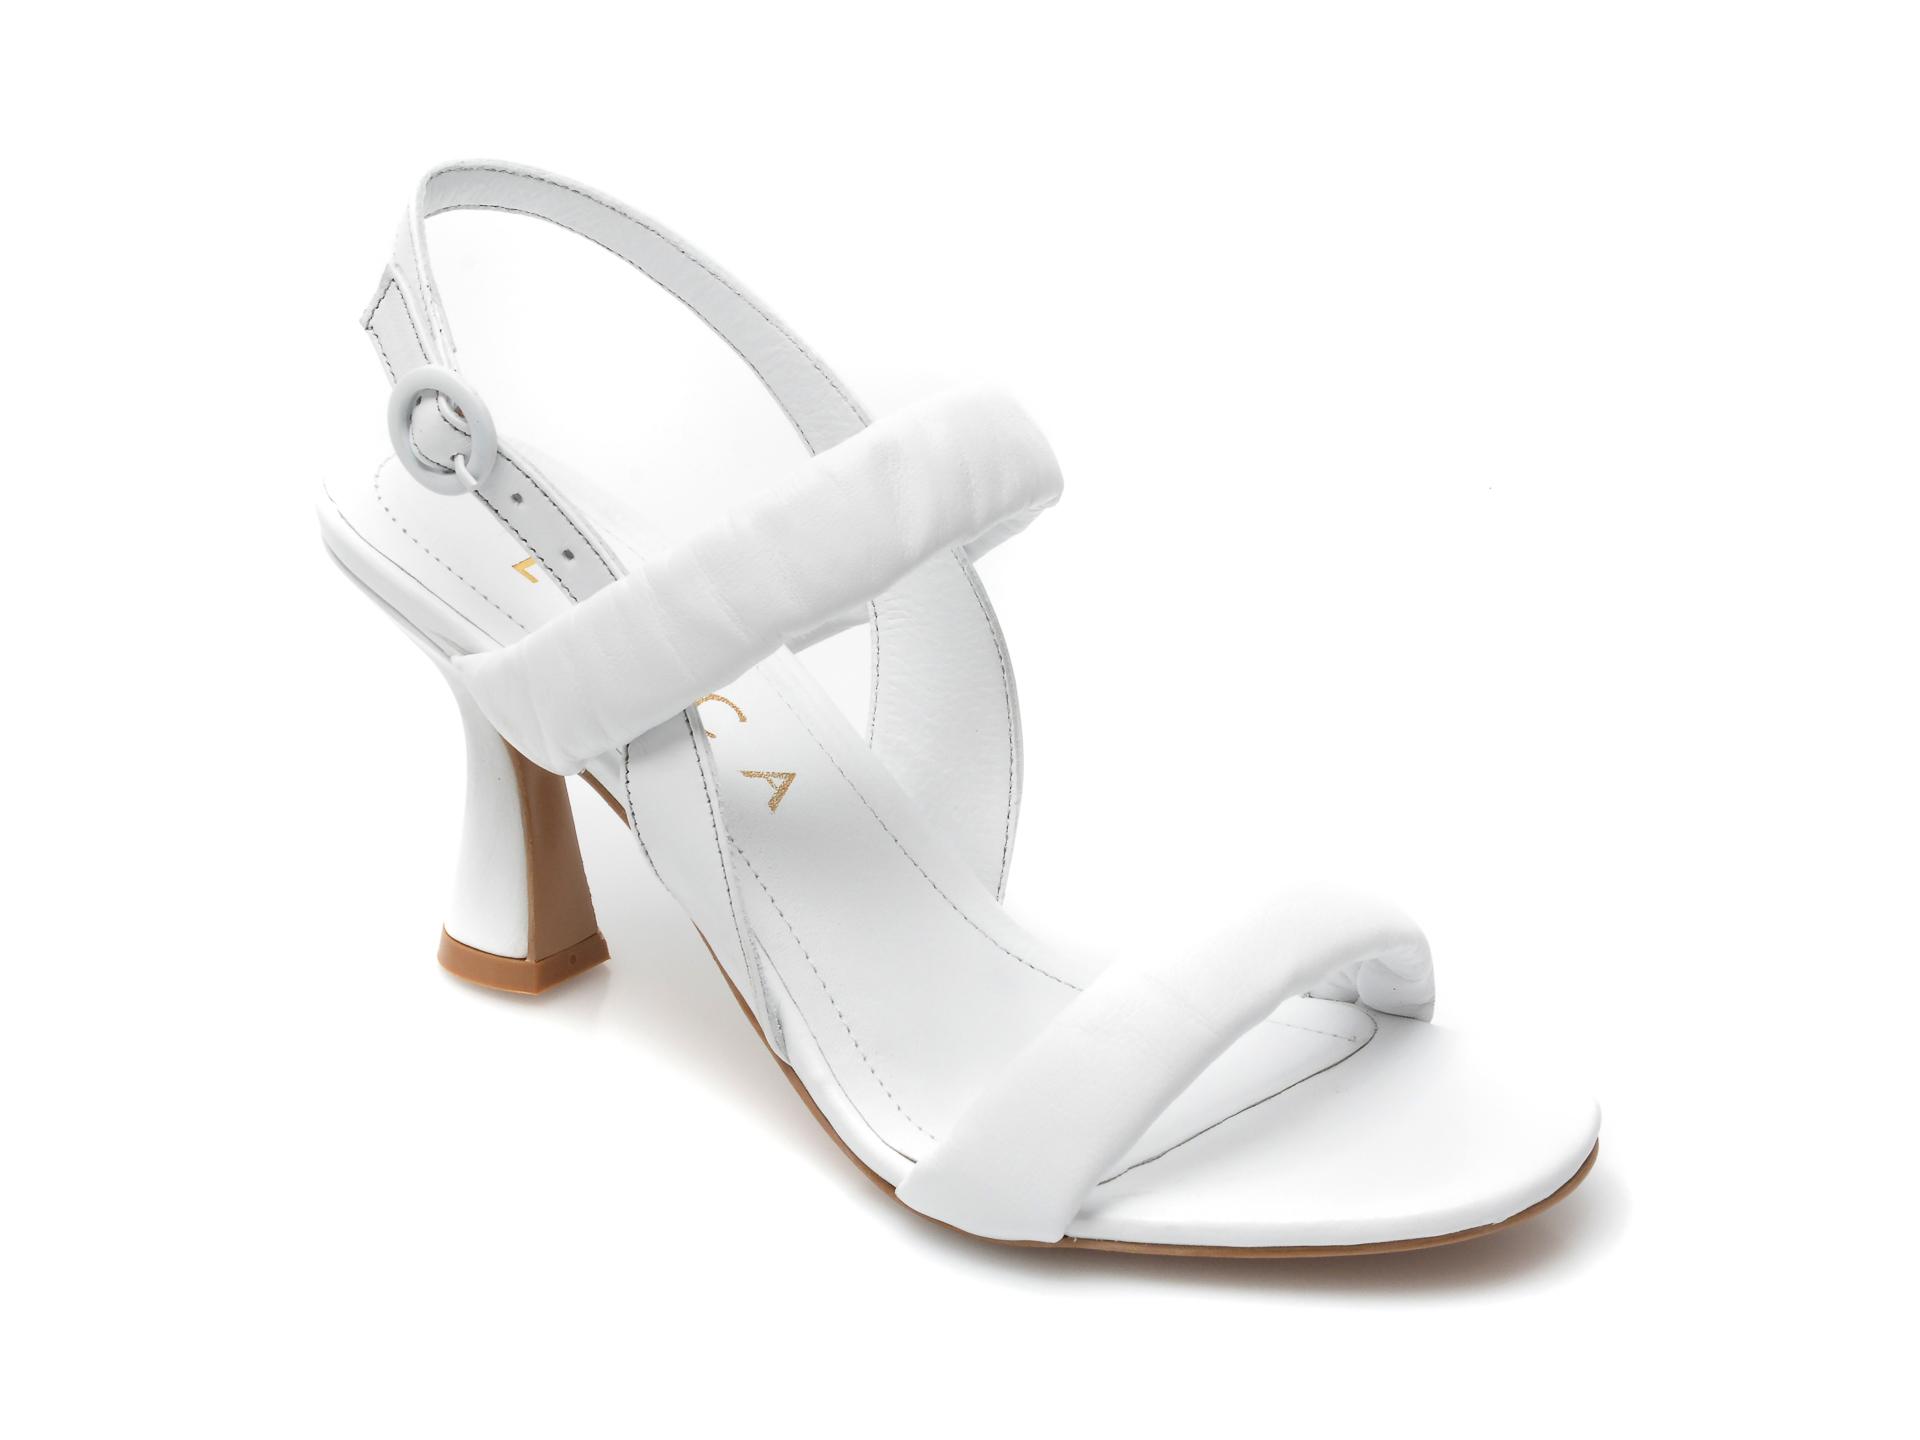 Sandale EPICA albe, 4114, din piele naturala imagine otter.ro